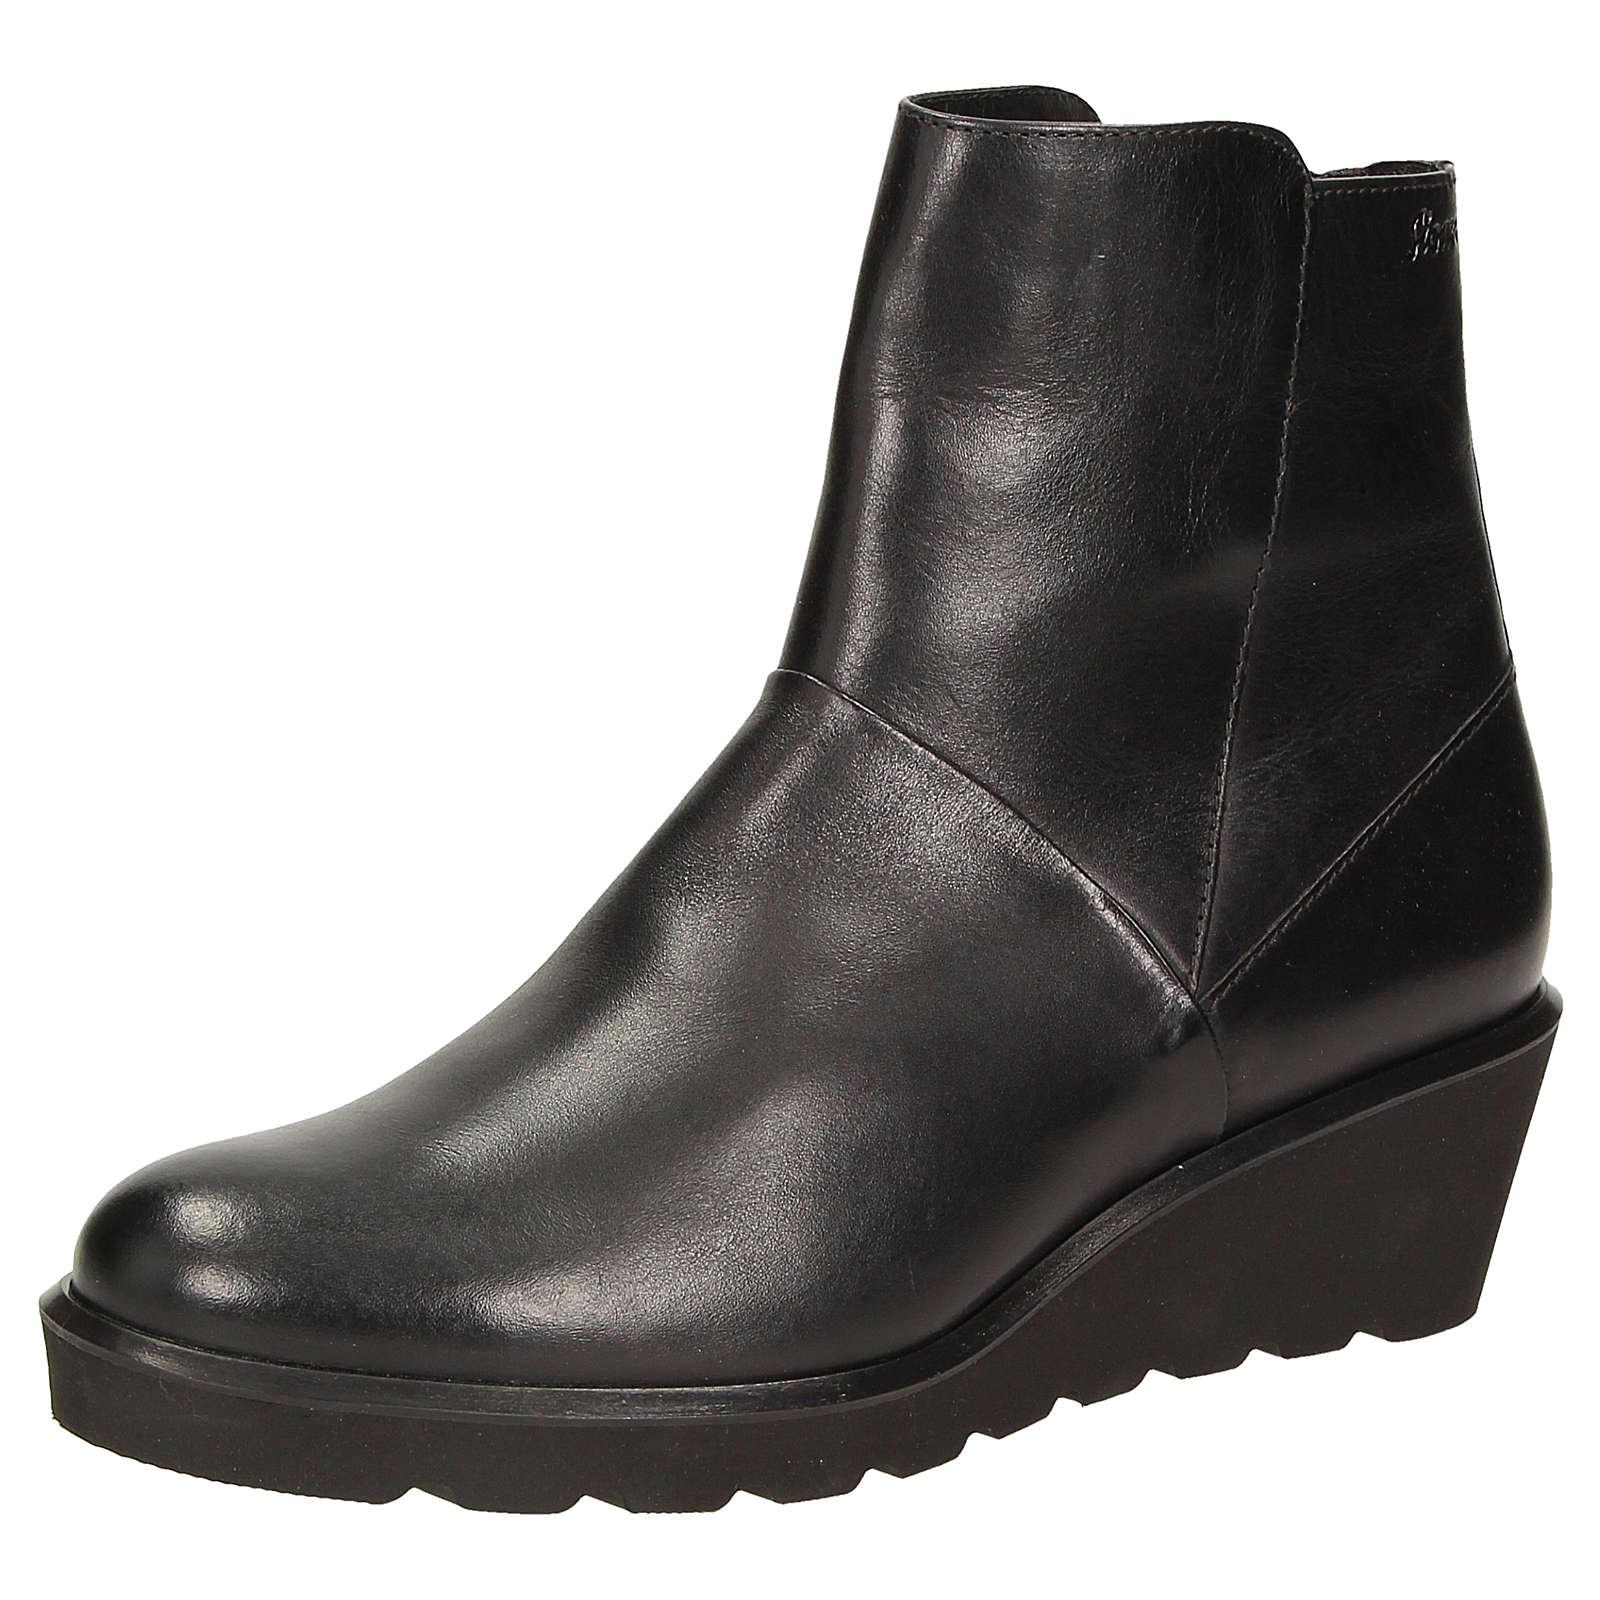 Sioux Stiefelette Jusokia-701 schwarz Damen Gr. 41,5